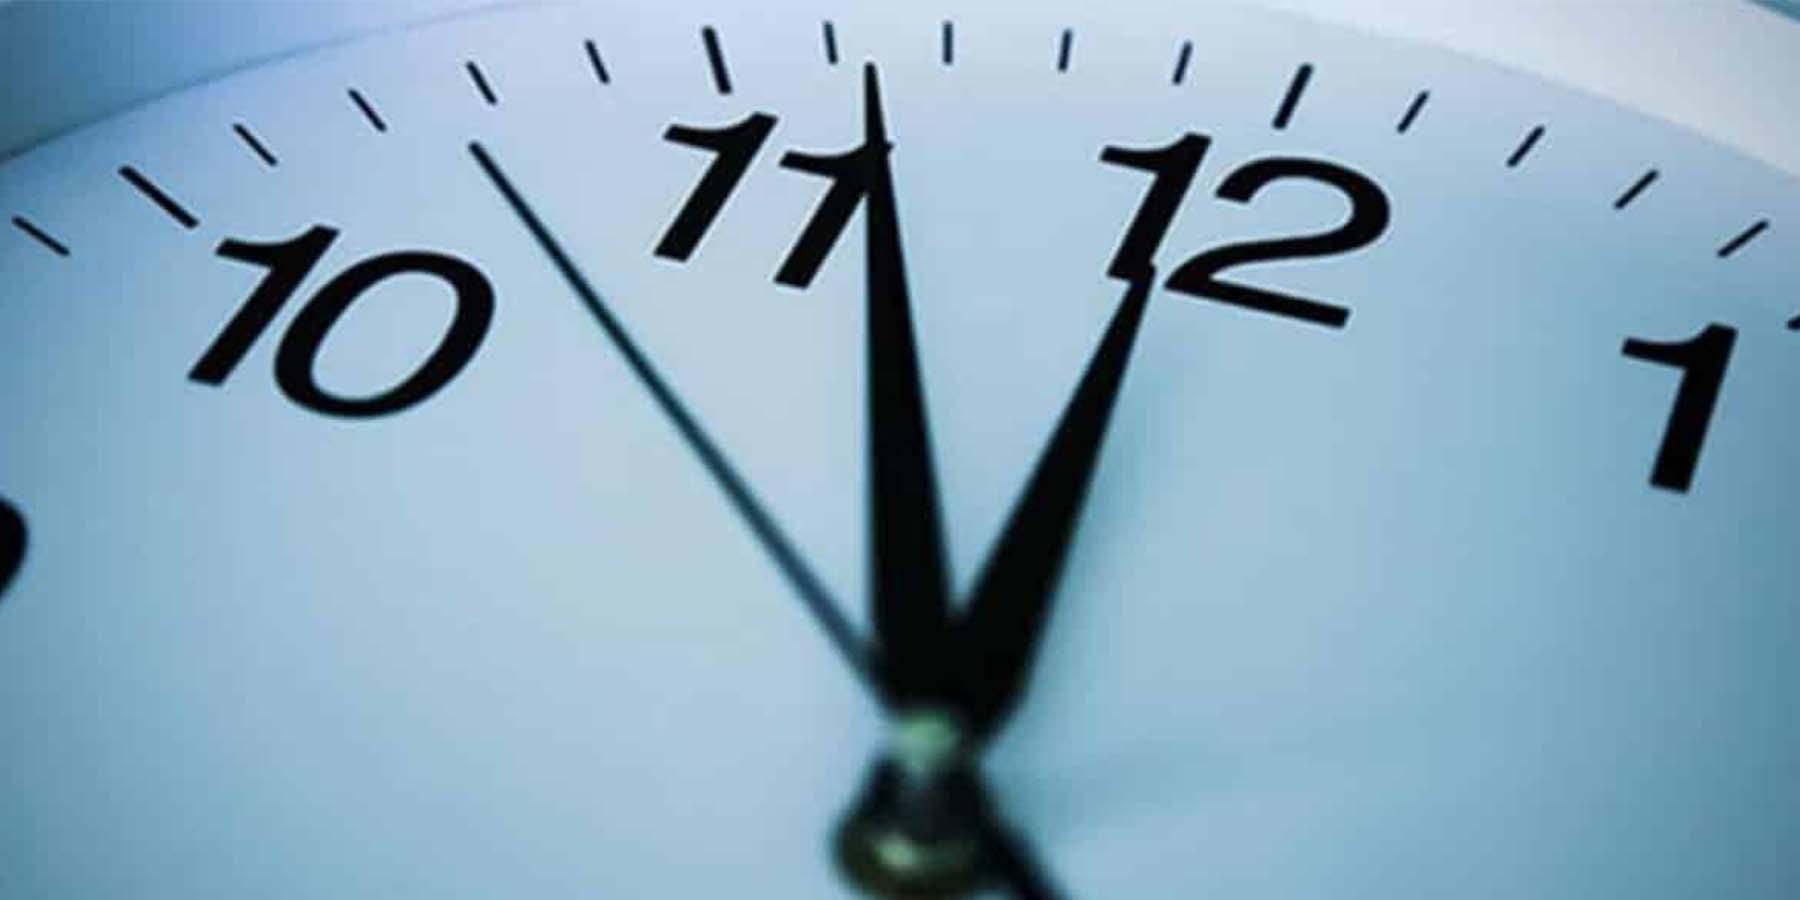 6-7-10-11 Mayıs 2021 banka çalışma saatleri | Bankalar bugün saat kaçta açılıyor, kaçta kapanıyor? Kaça kadar açık?